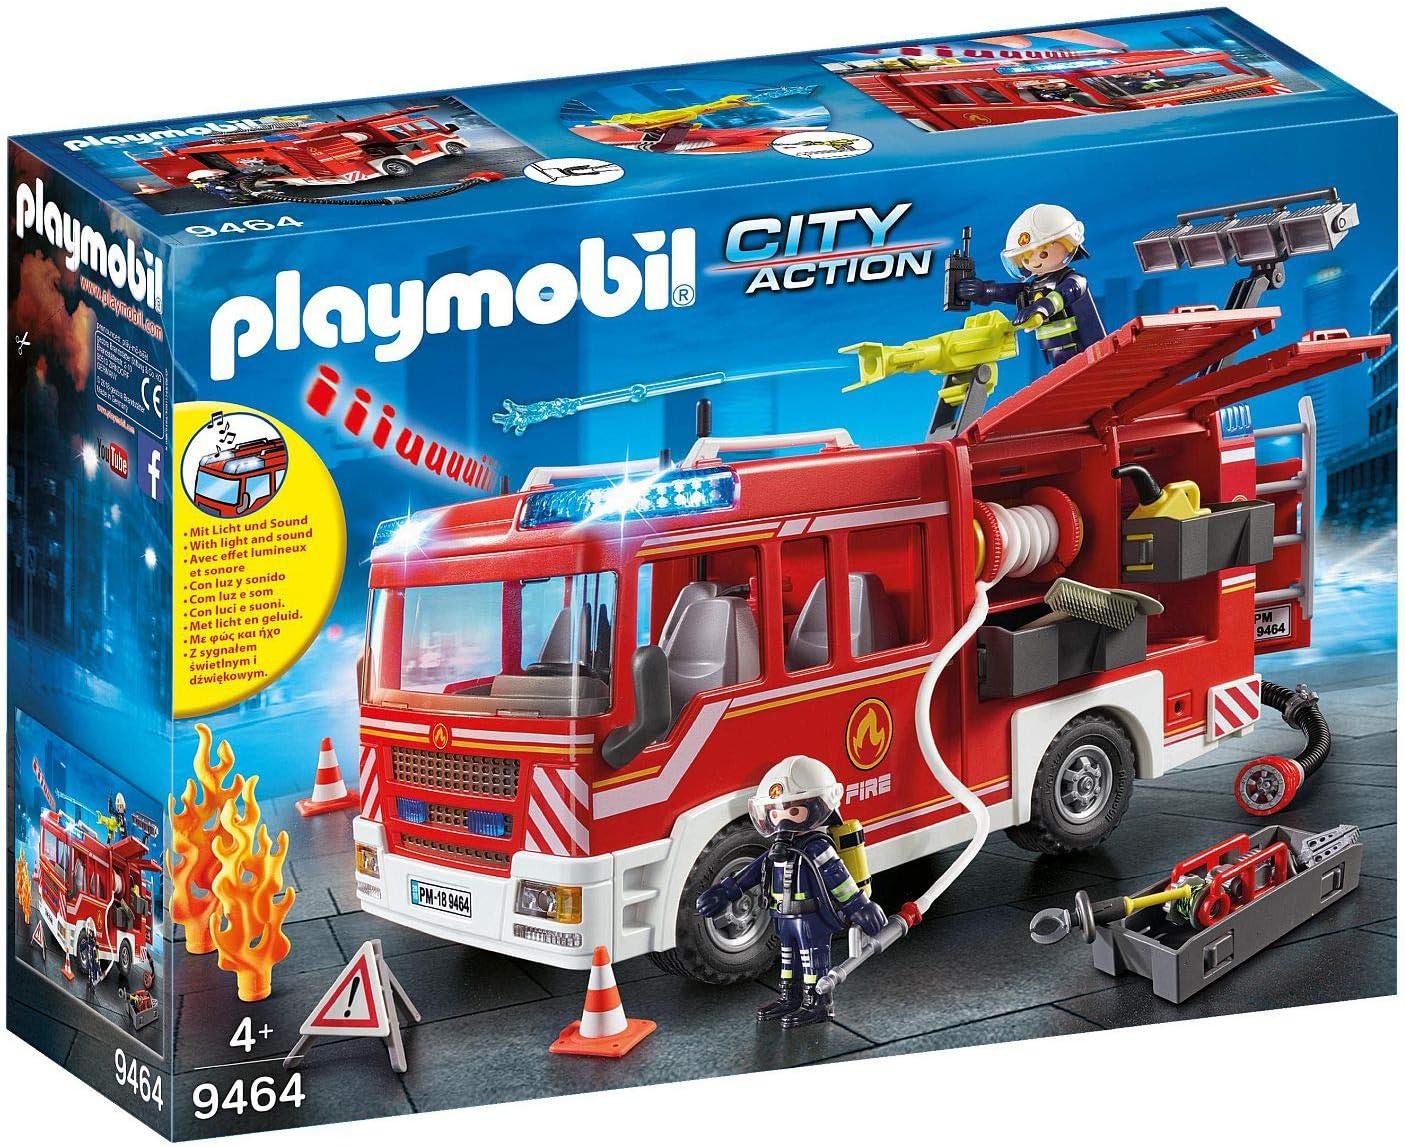 PLAYMOBIL City Action Camión de Bomberos con Luces y Sonido, a Partir de 4 Años (9464): Amazon.es: Juguetes y juegos